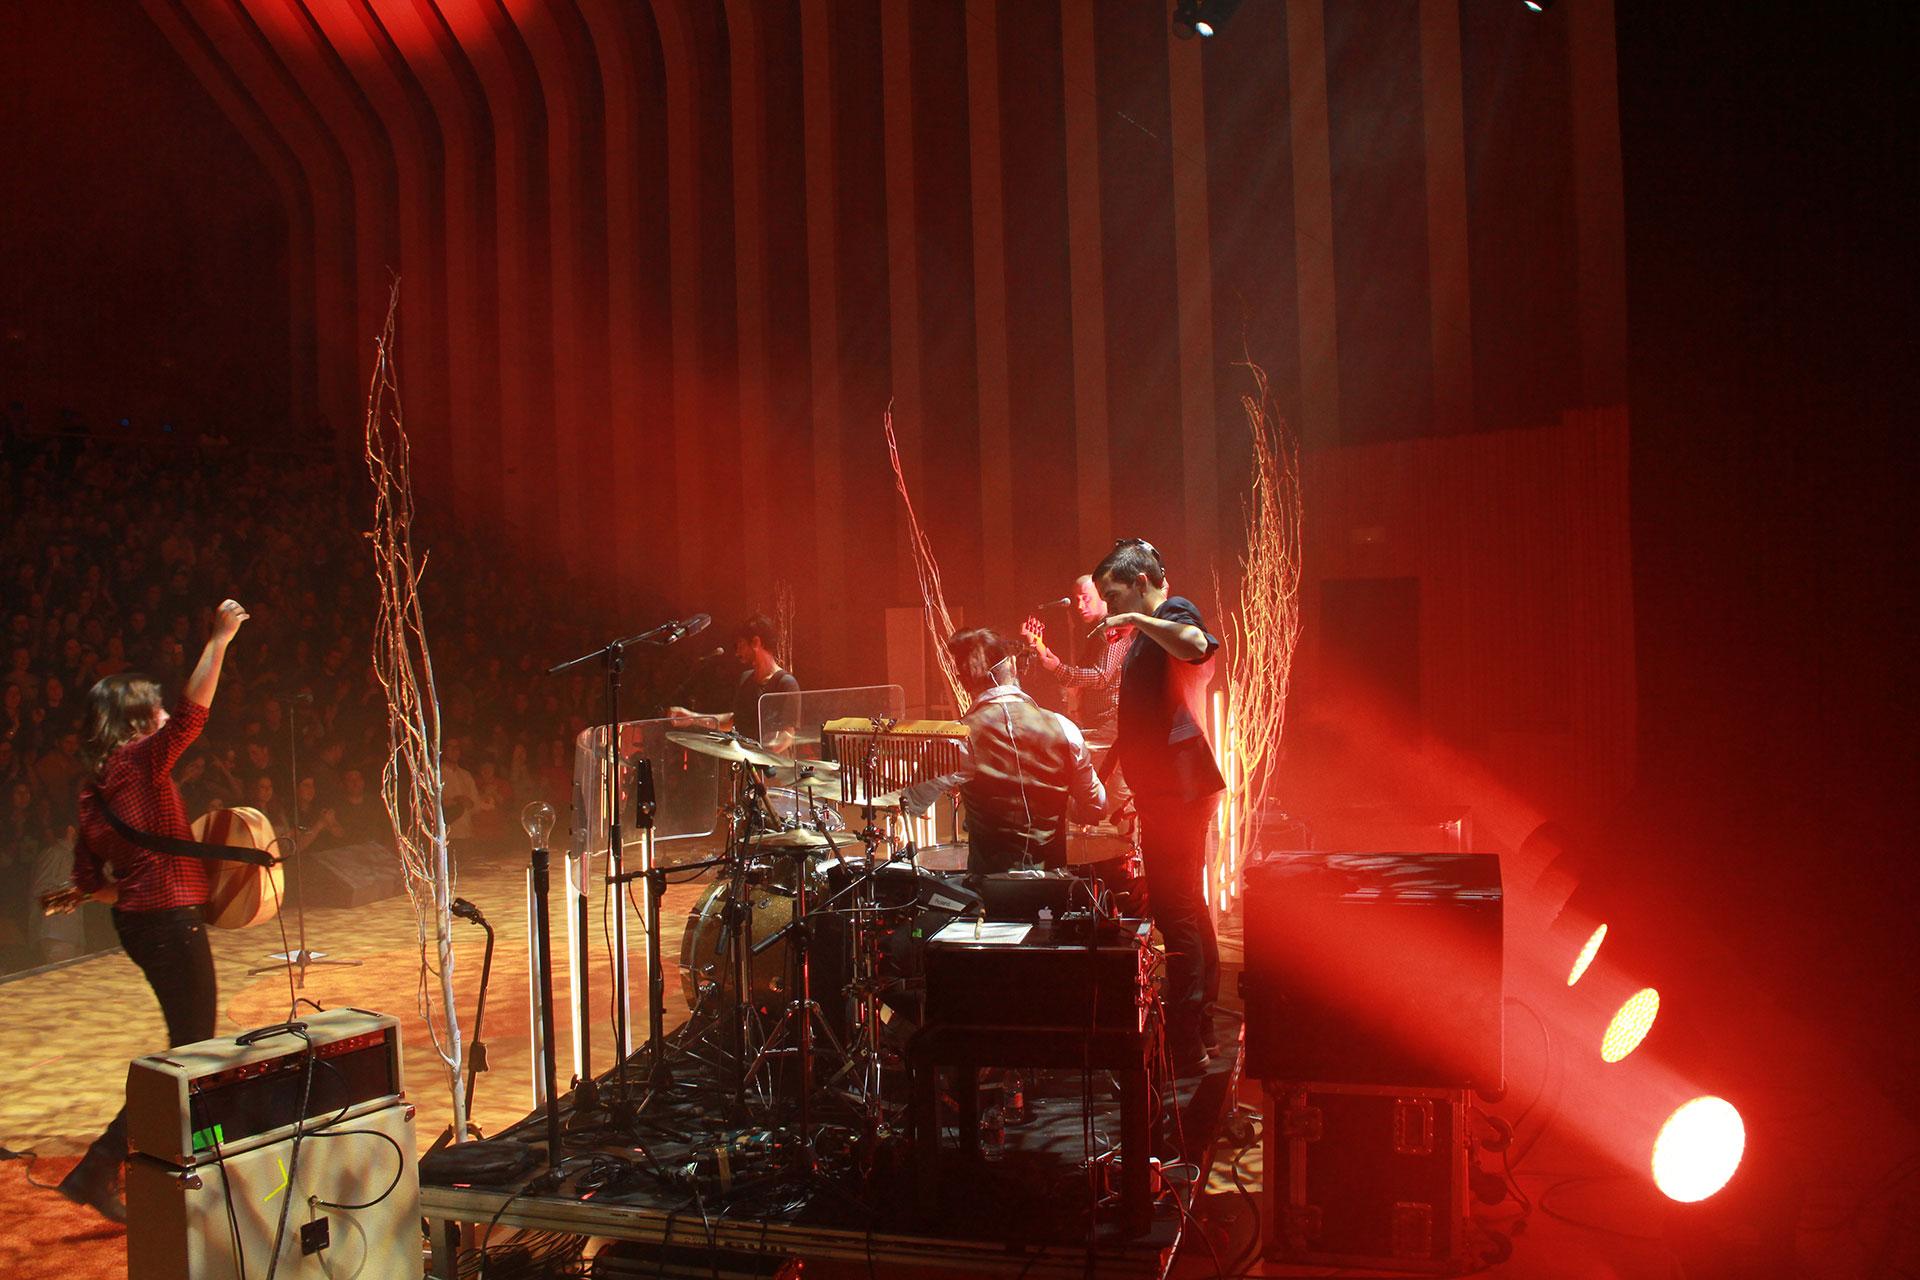 Serginho Moreira, concert Maldita Nerea Valencia